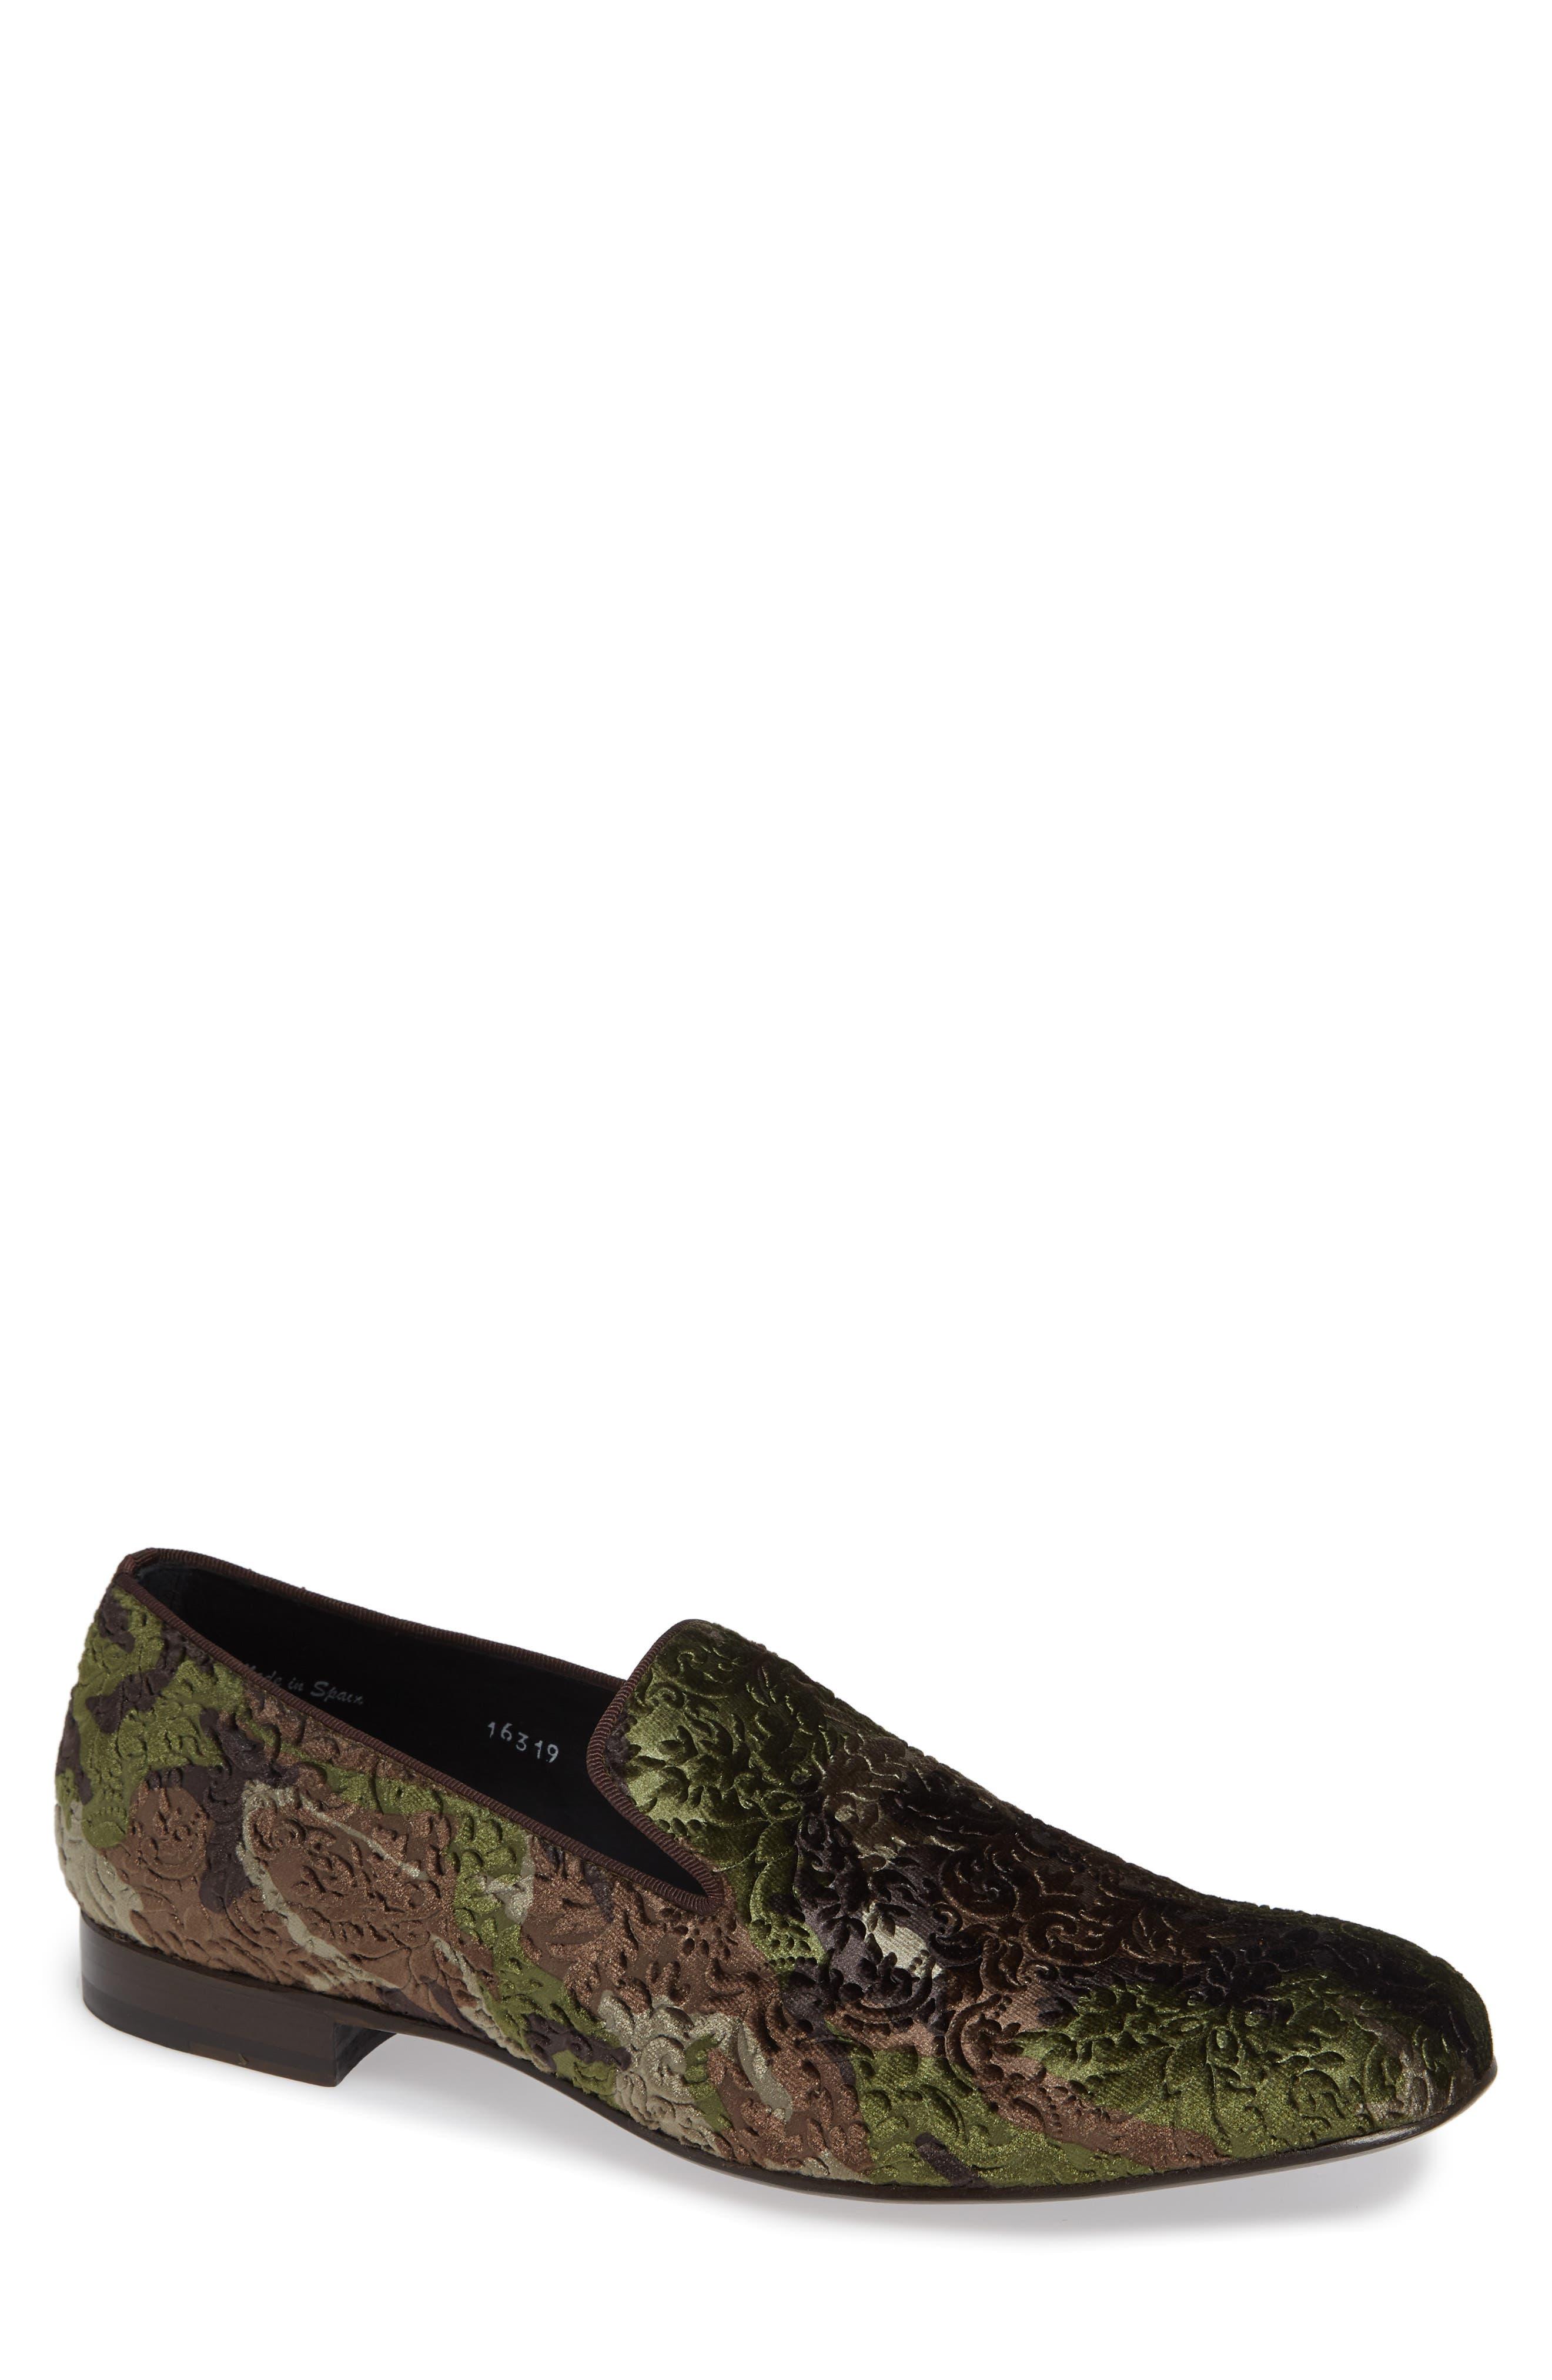 Caprio Venetian Loafer,                         Main,                         color, GREEN VELVET